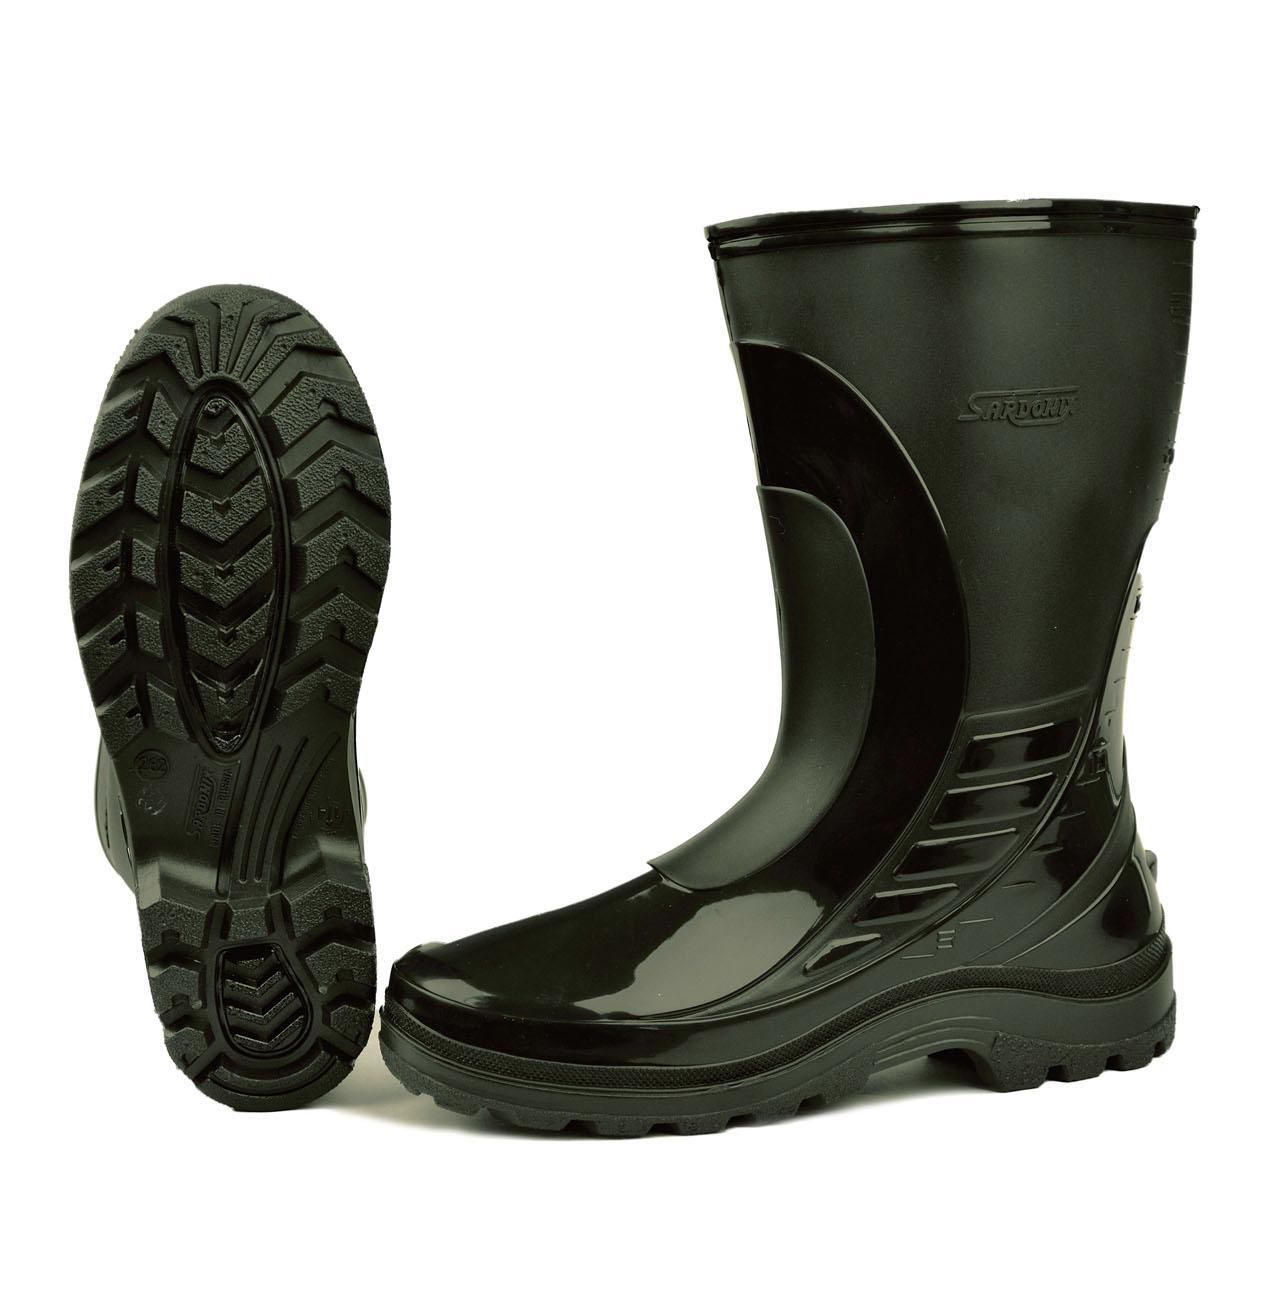 Сапоги ПВХ (SARDONIX) мужские, цвета в ассортименте Сапоги для активного отдыха<br>Современная модель сапога, выполненная <br>методом двухкомпонентного литья, предназначена <br>для защиты ног от влаги и общих загрязнений. <br>Для голенища сапога используется эластичный <br>морозостойкий ПВХ (температура хрупкости <br>материала -30С) и специальный морозостойкий <br>подошвенный ПВХ, позволяющий увеличить <br>изсностойскость и придать комфортность <br>при ходьбе. Высота сапога 30см. Производство <br>SARDONIX.<br><br>Пол: мужской<br>Размер: 45(292)<br>Сезон: лето<br>Цвет: оливковый<br>Материал: Поливинилхлорид (ПВХ)морозостойкий(-30С)